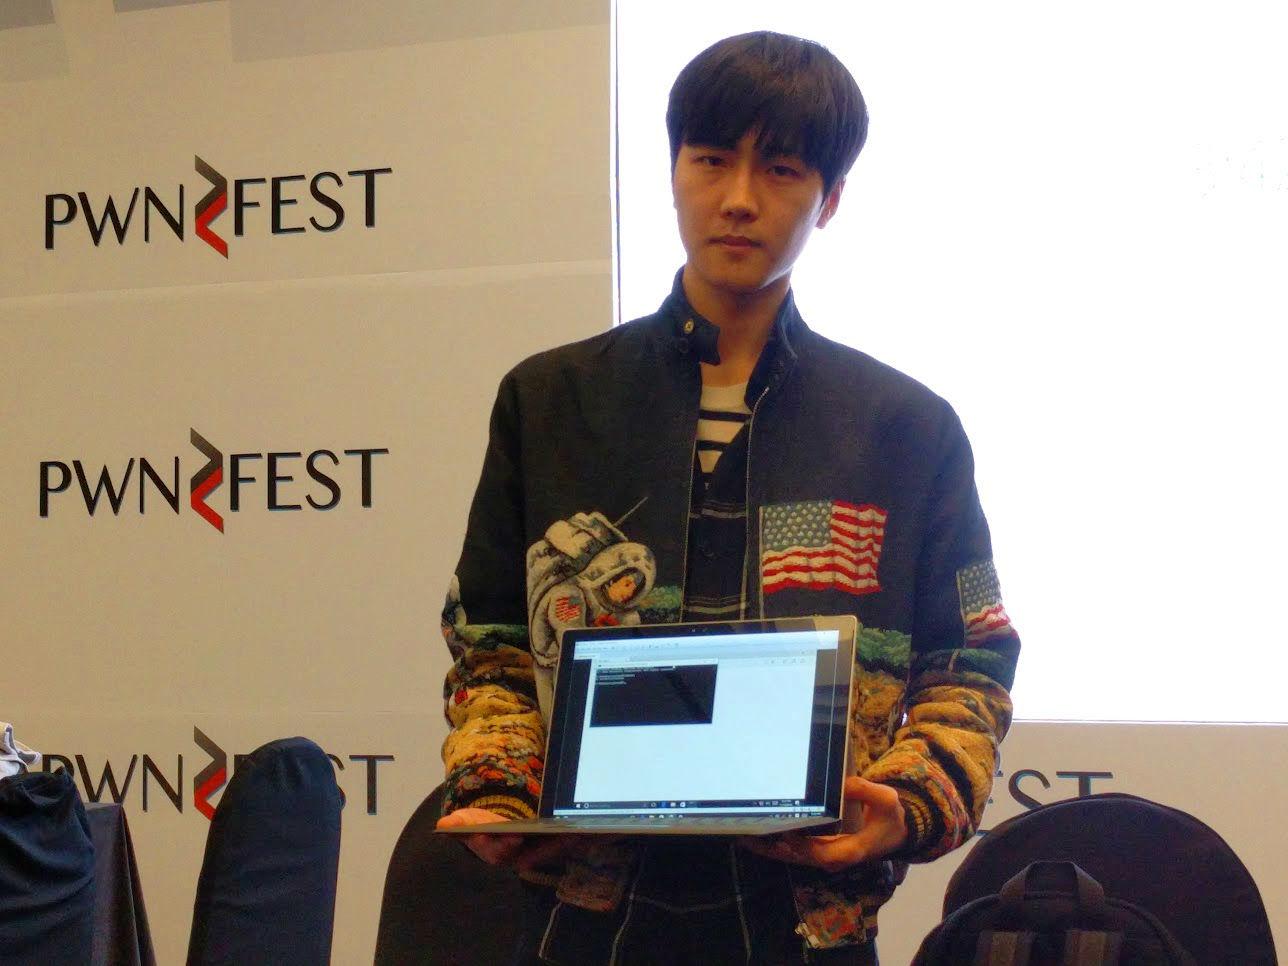 pawnfest-2016-seoul